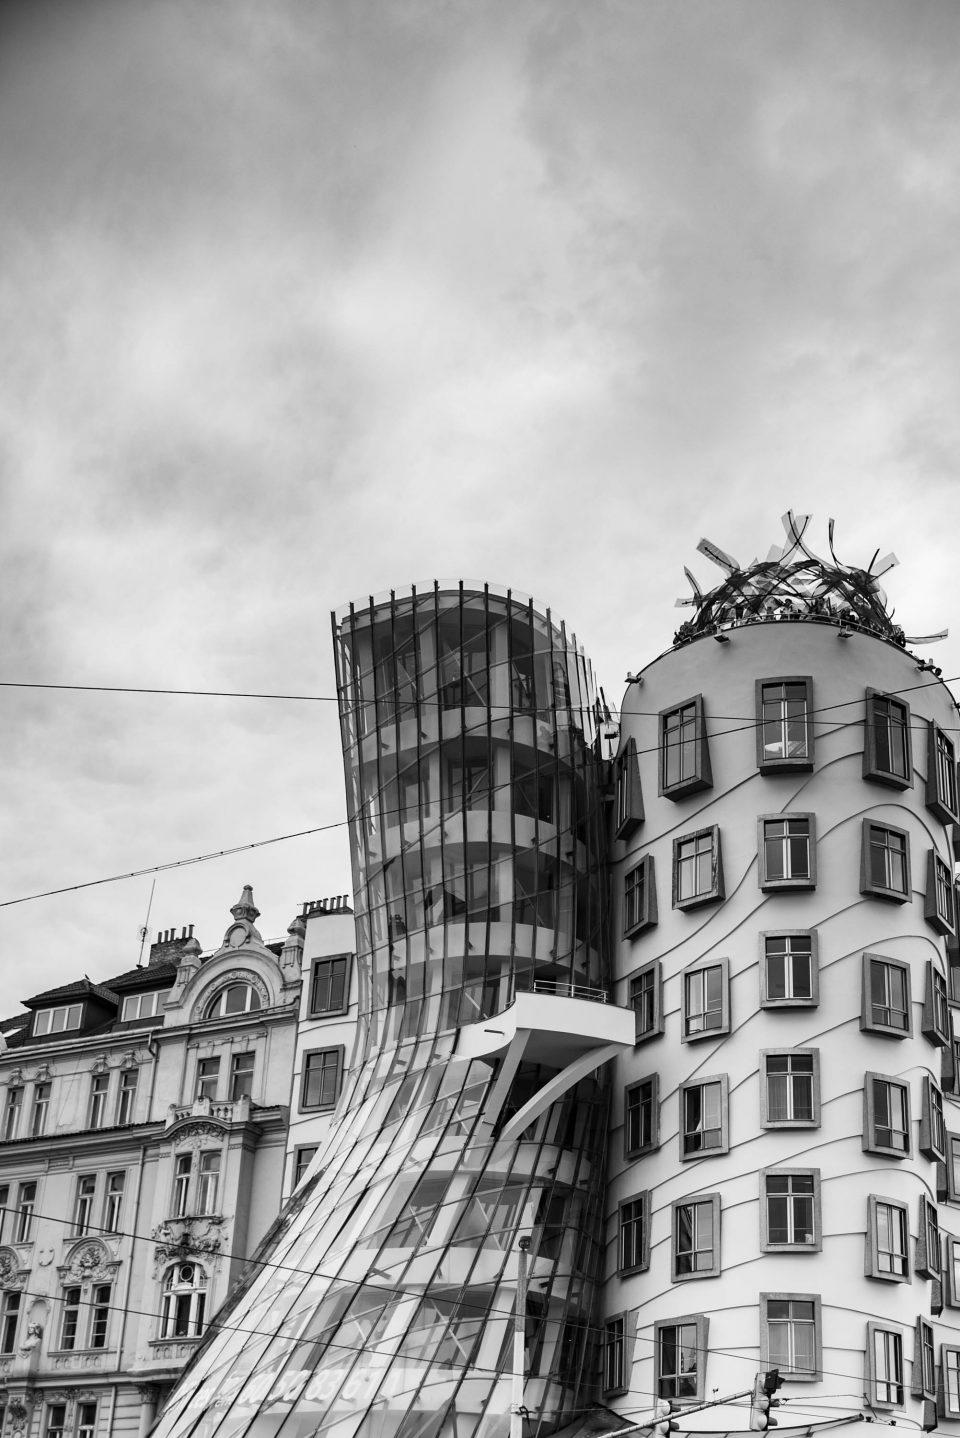 Praga Architettura - fotografare l'architettura - fotografare la città - istanti in viaggio - fotografia in viaggio